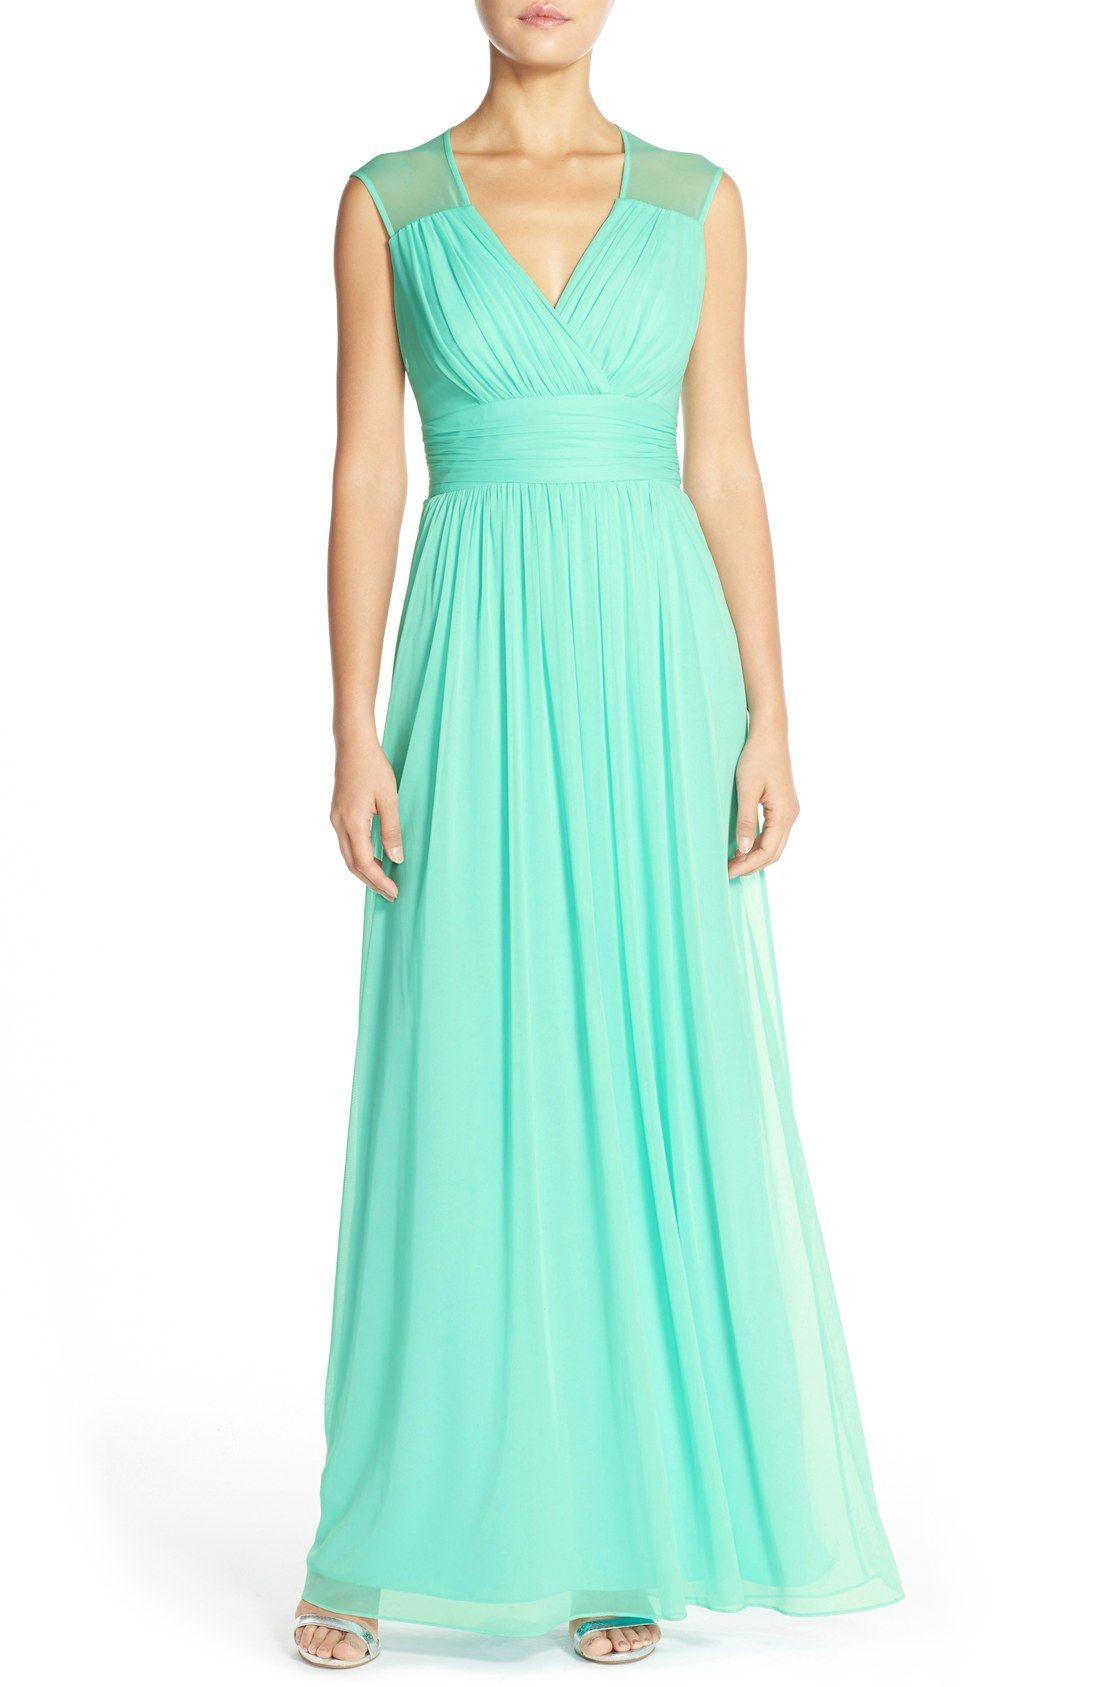 Vestido azul Tiffany pro casamento da tati 0 Nordstrom. Alfred Sung Shirred ChiffonCap Sleeve Gown